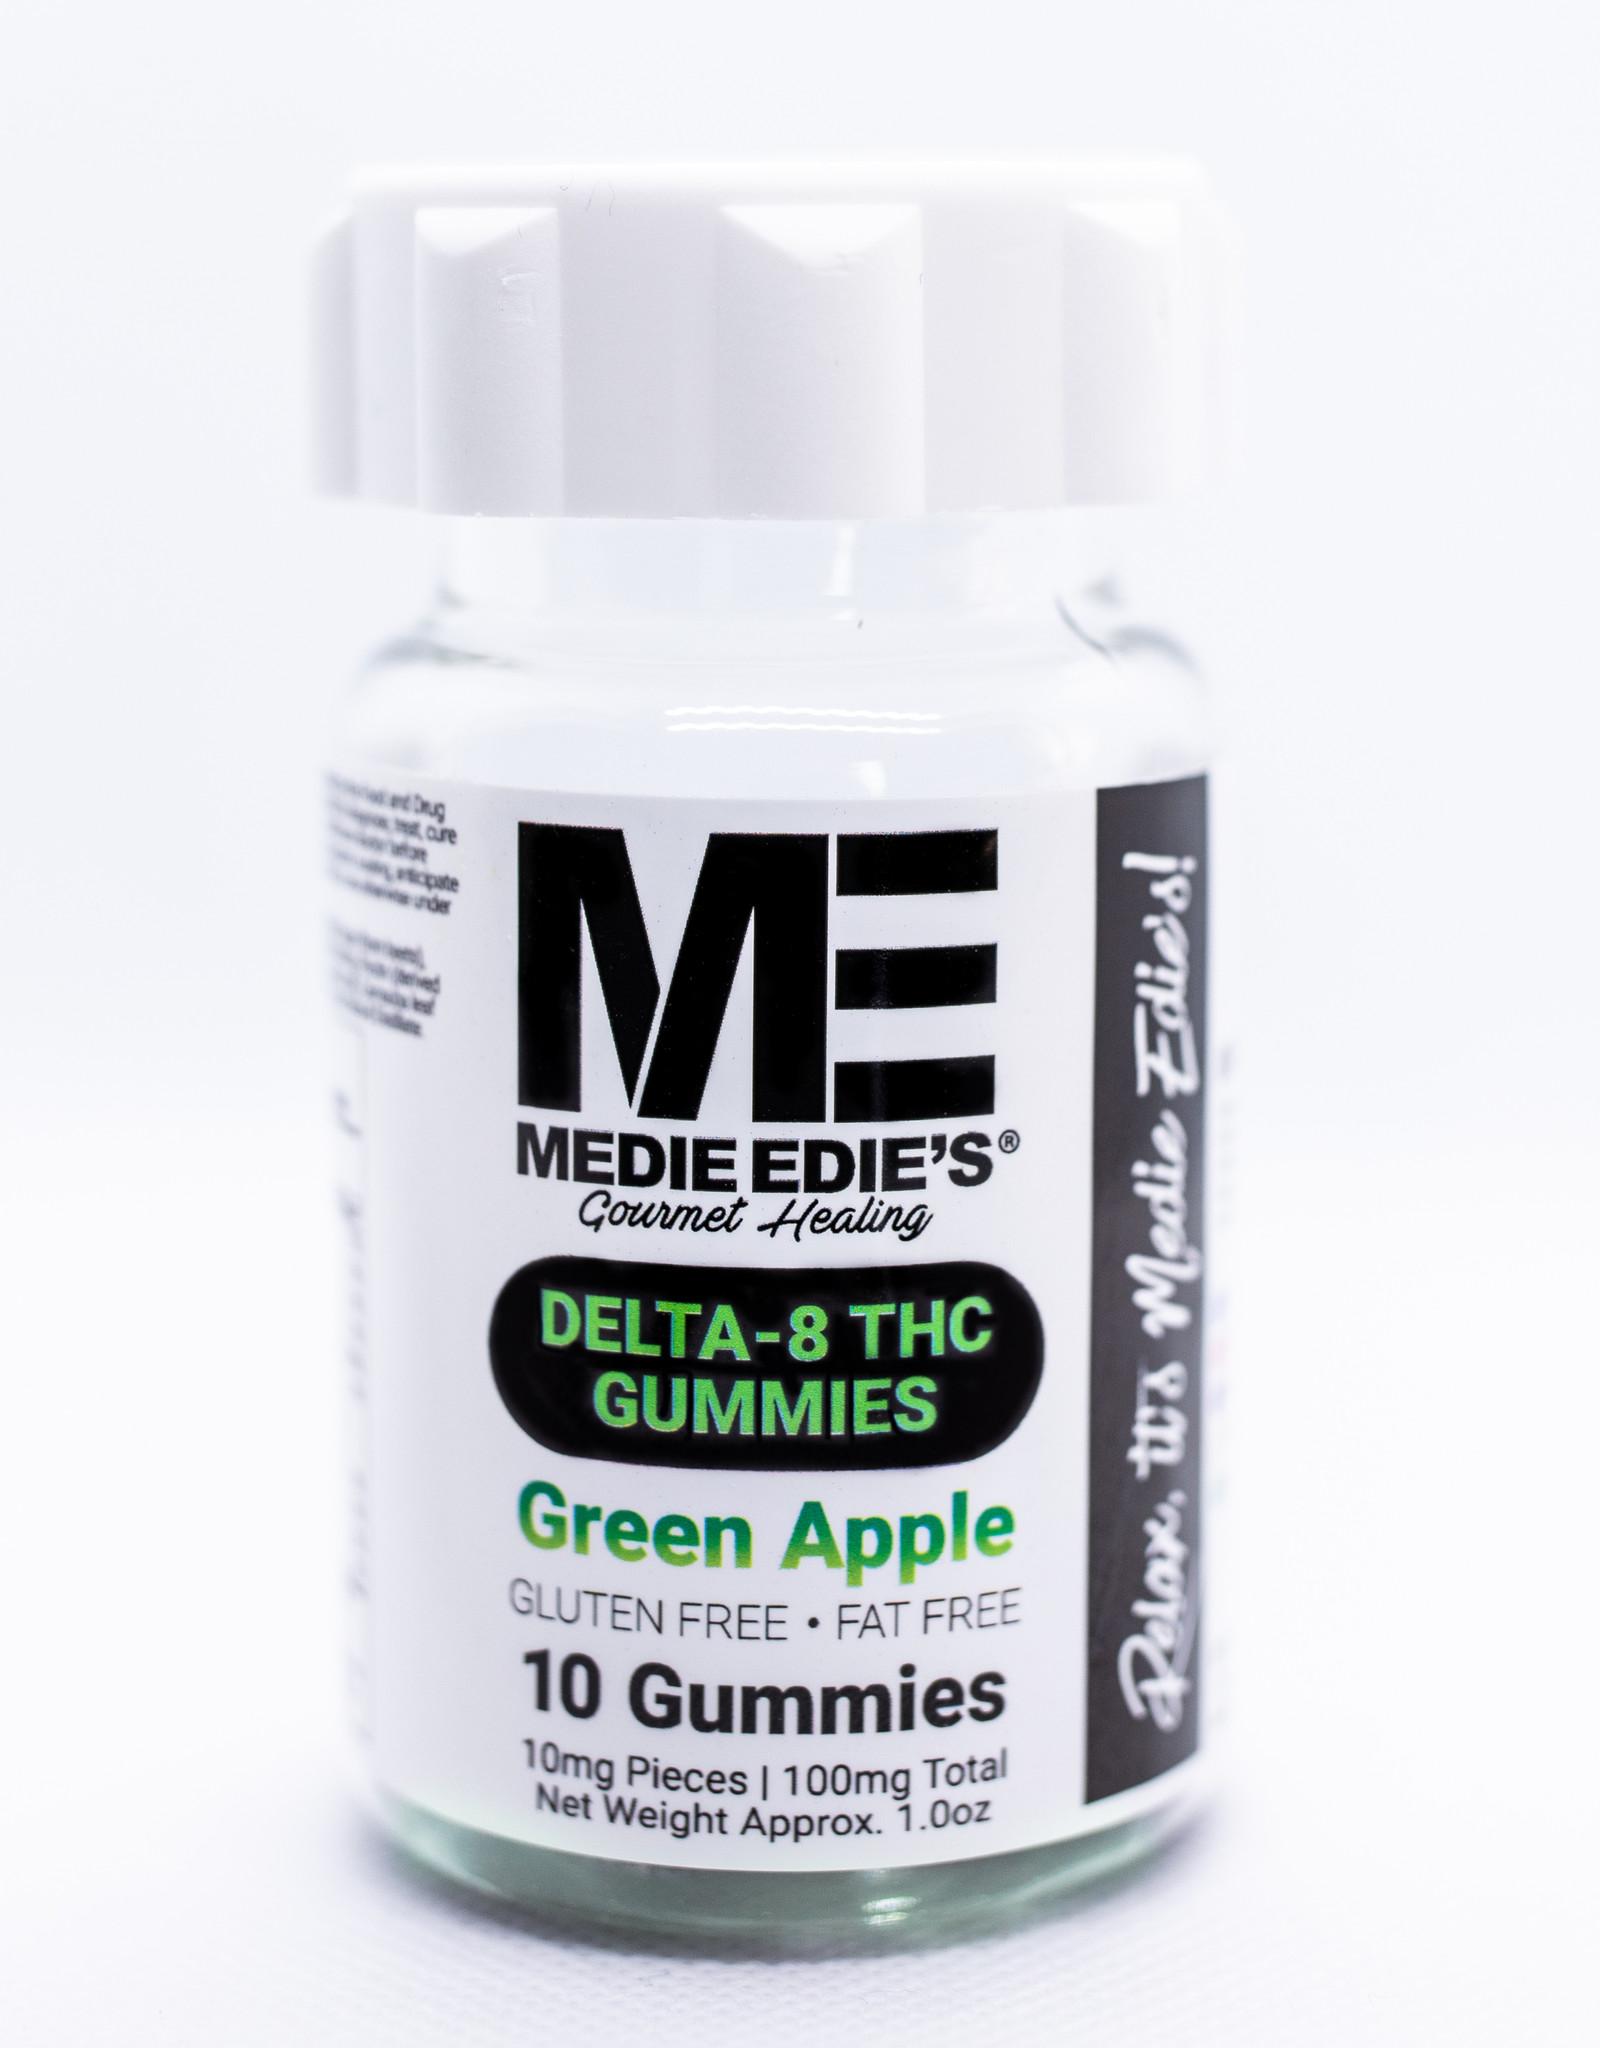 Medie Edie's Medie Edie's Delta 8 THC Gummies- 10mg/100mg - Green Apple